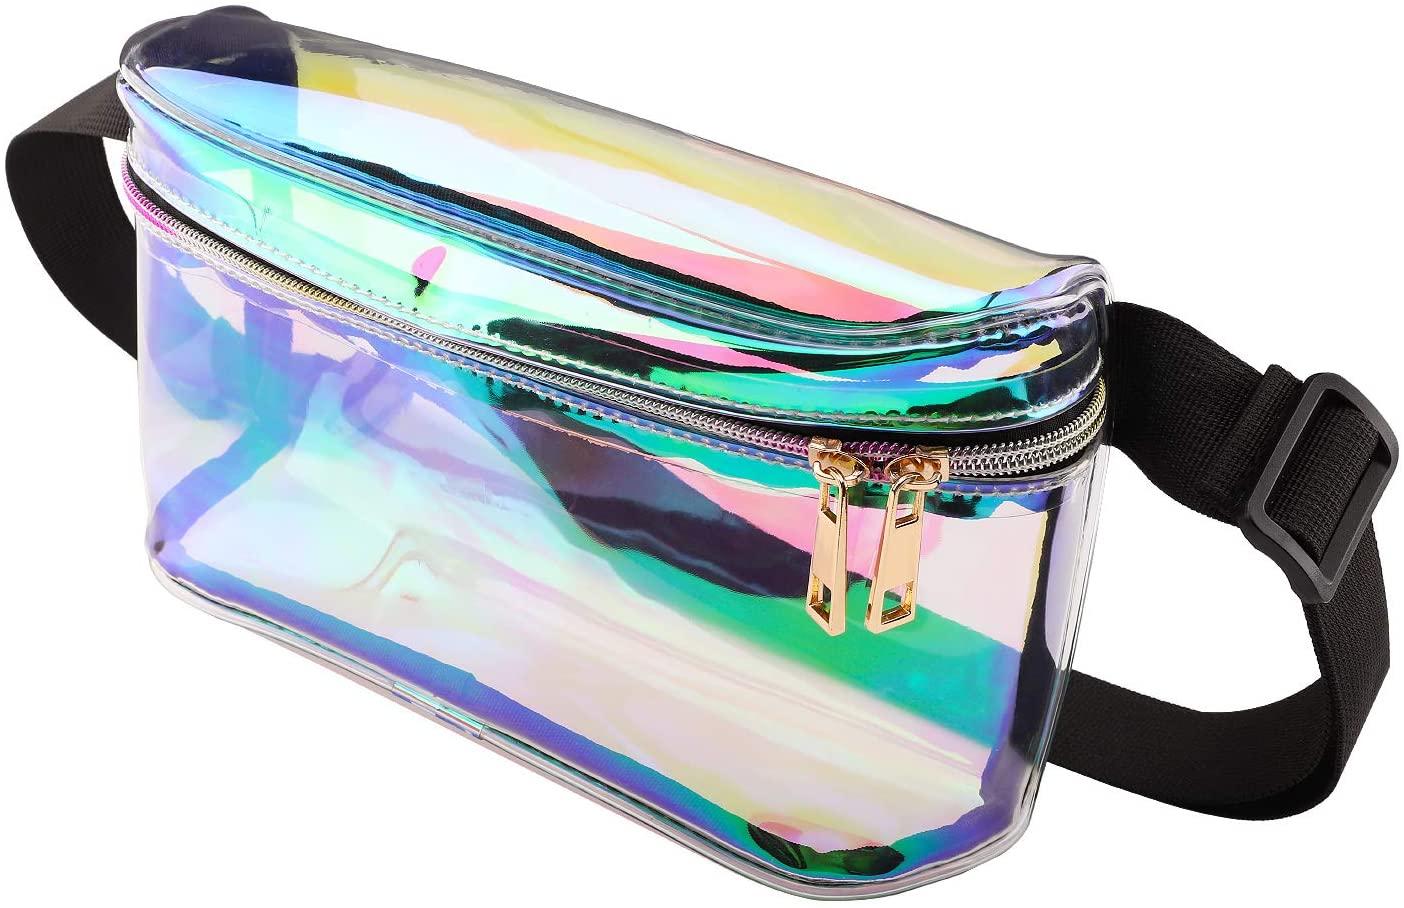 MoKo Holographic Rave Fanny Pack for Women & Men, Water Resistant Adjustable Belt Waist Bag, Shoulder Bag Crossbody Bag for Beach, Party, Travel